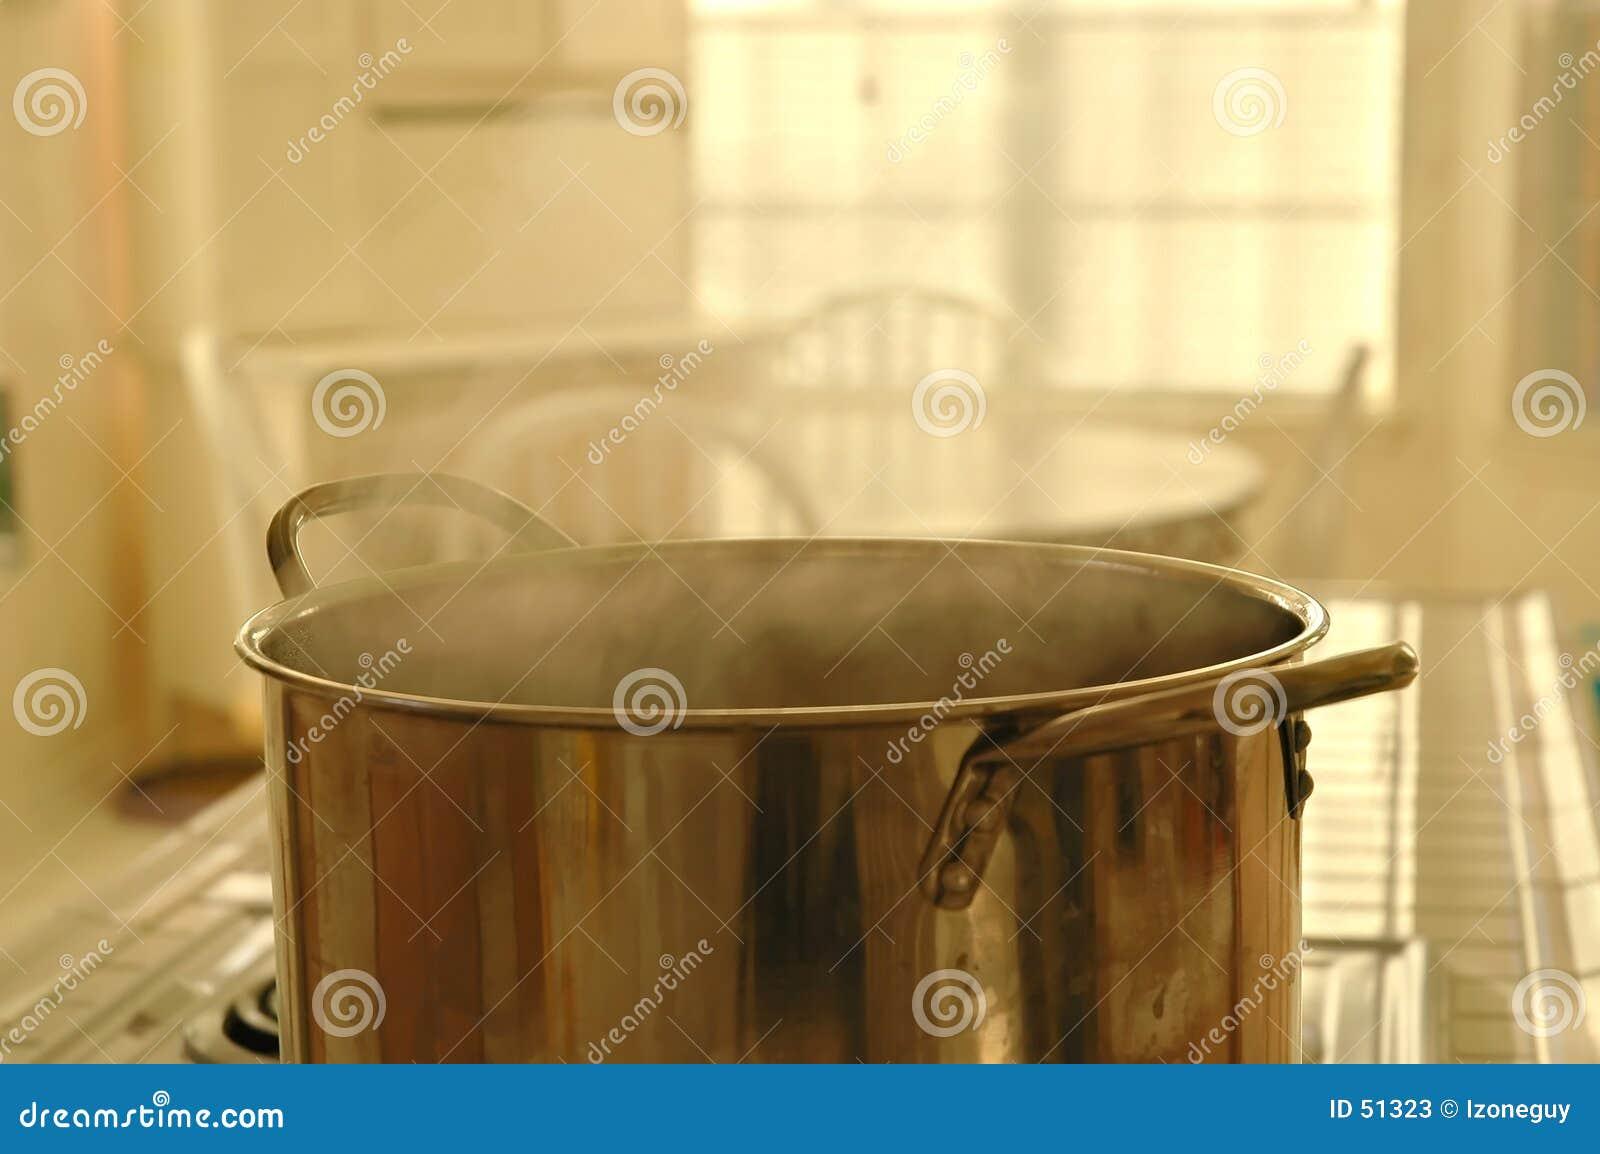 ¿Qué está cocinando?